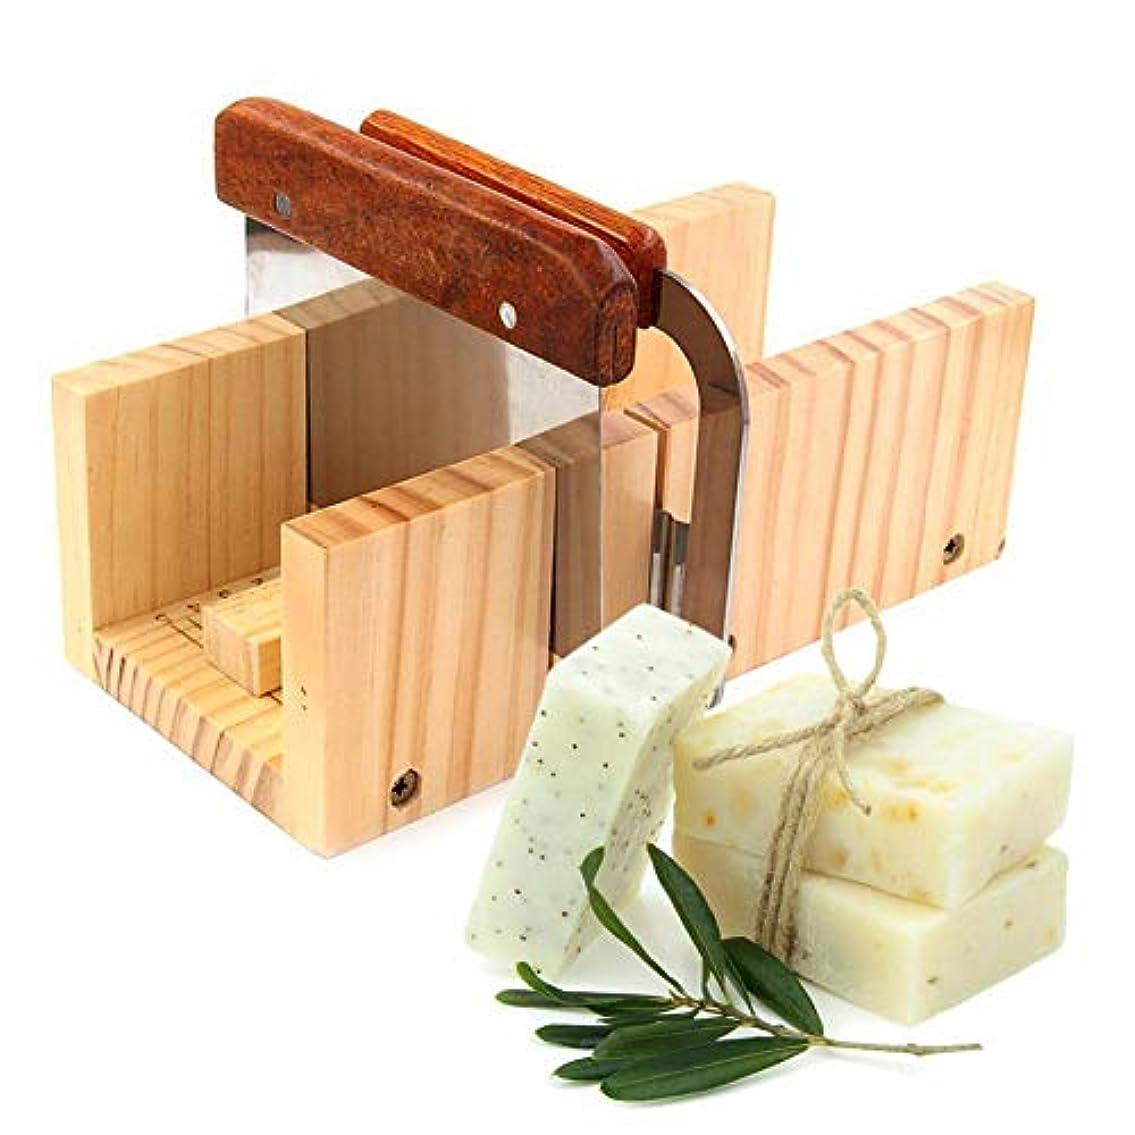 ミニ前者収穫Ragem ソープカッター 手作り石鹸金型 木製 ローフカッターボックス 調整可能 多機能ソープ切削工具 ストレートプレーニングツール